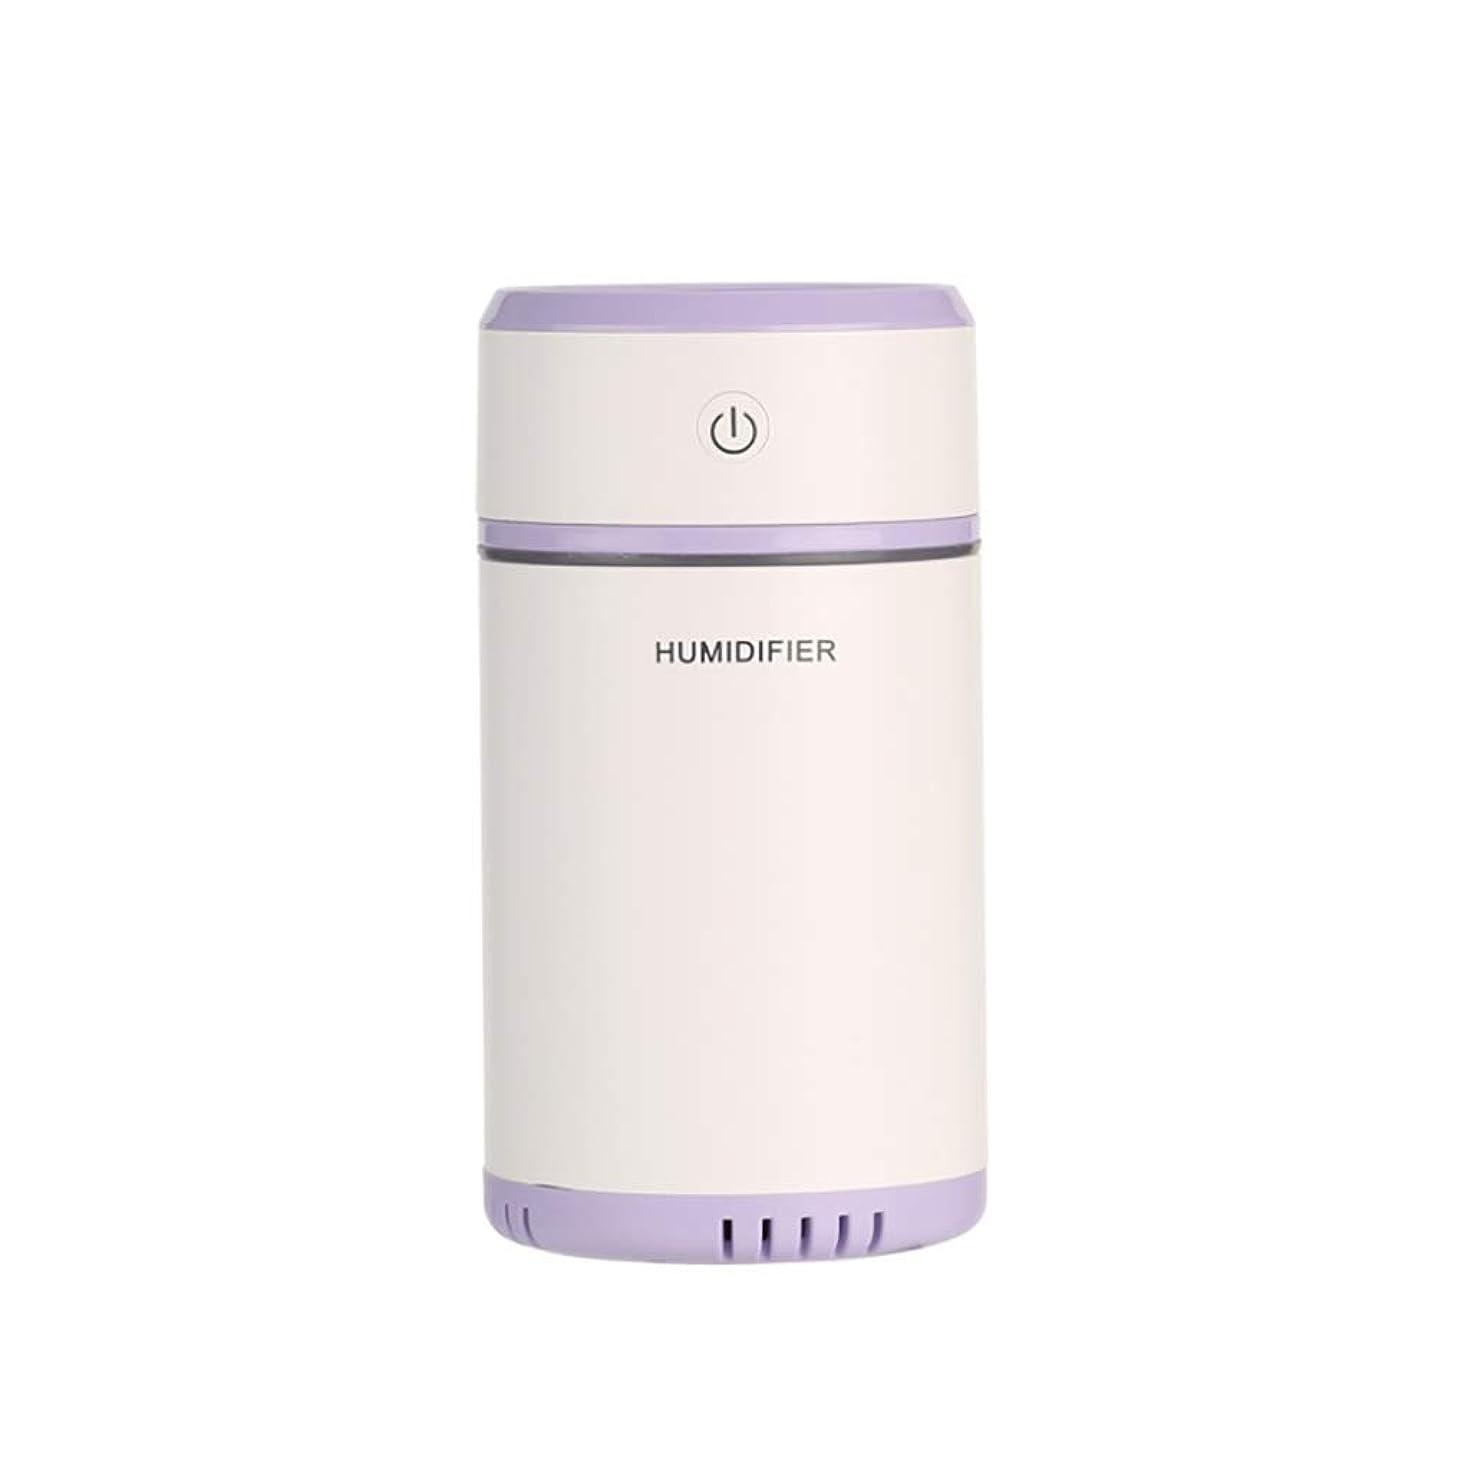 繁栄する発生するシャッフル車の空気清浄機、車の空気清浄ミニusb加湿器、7色ナイトライト (色 : 紫の)